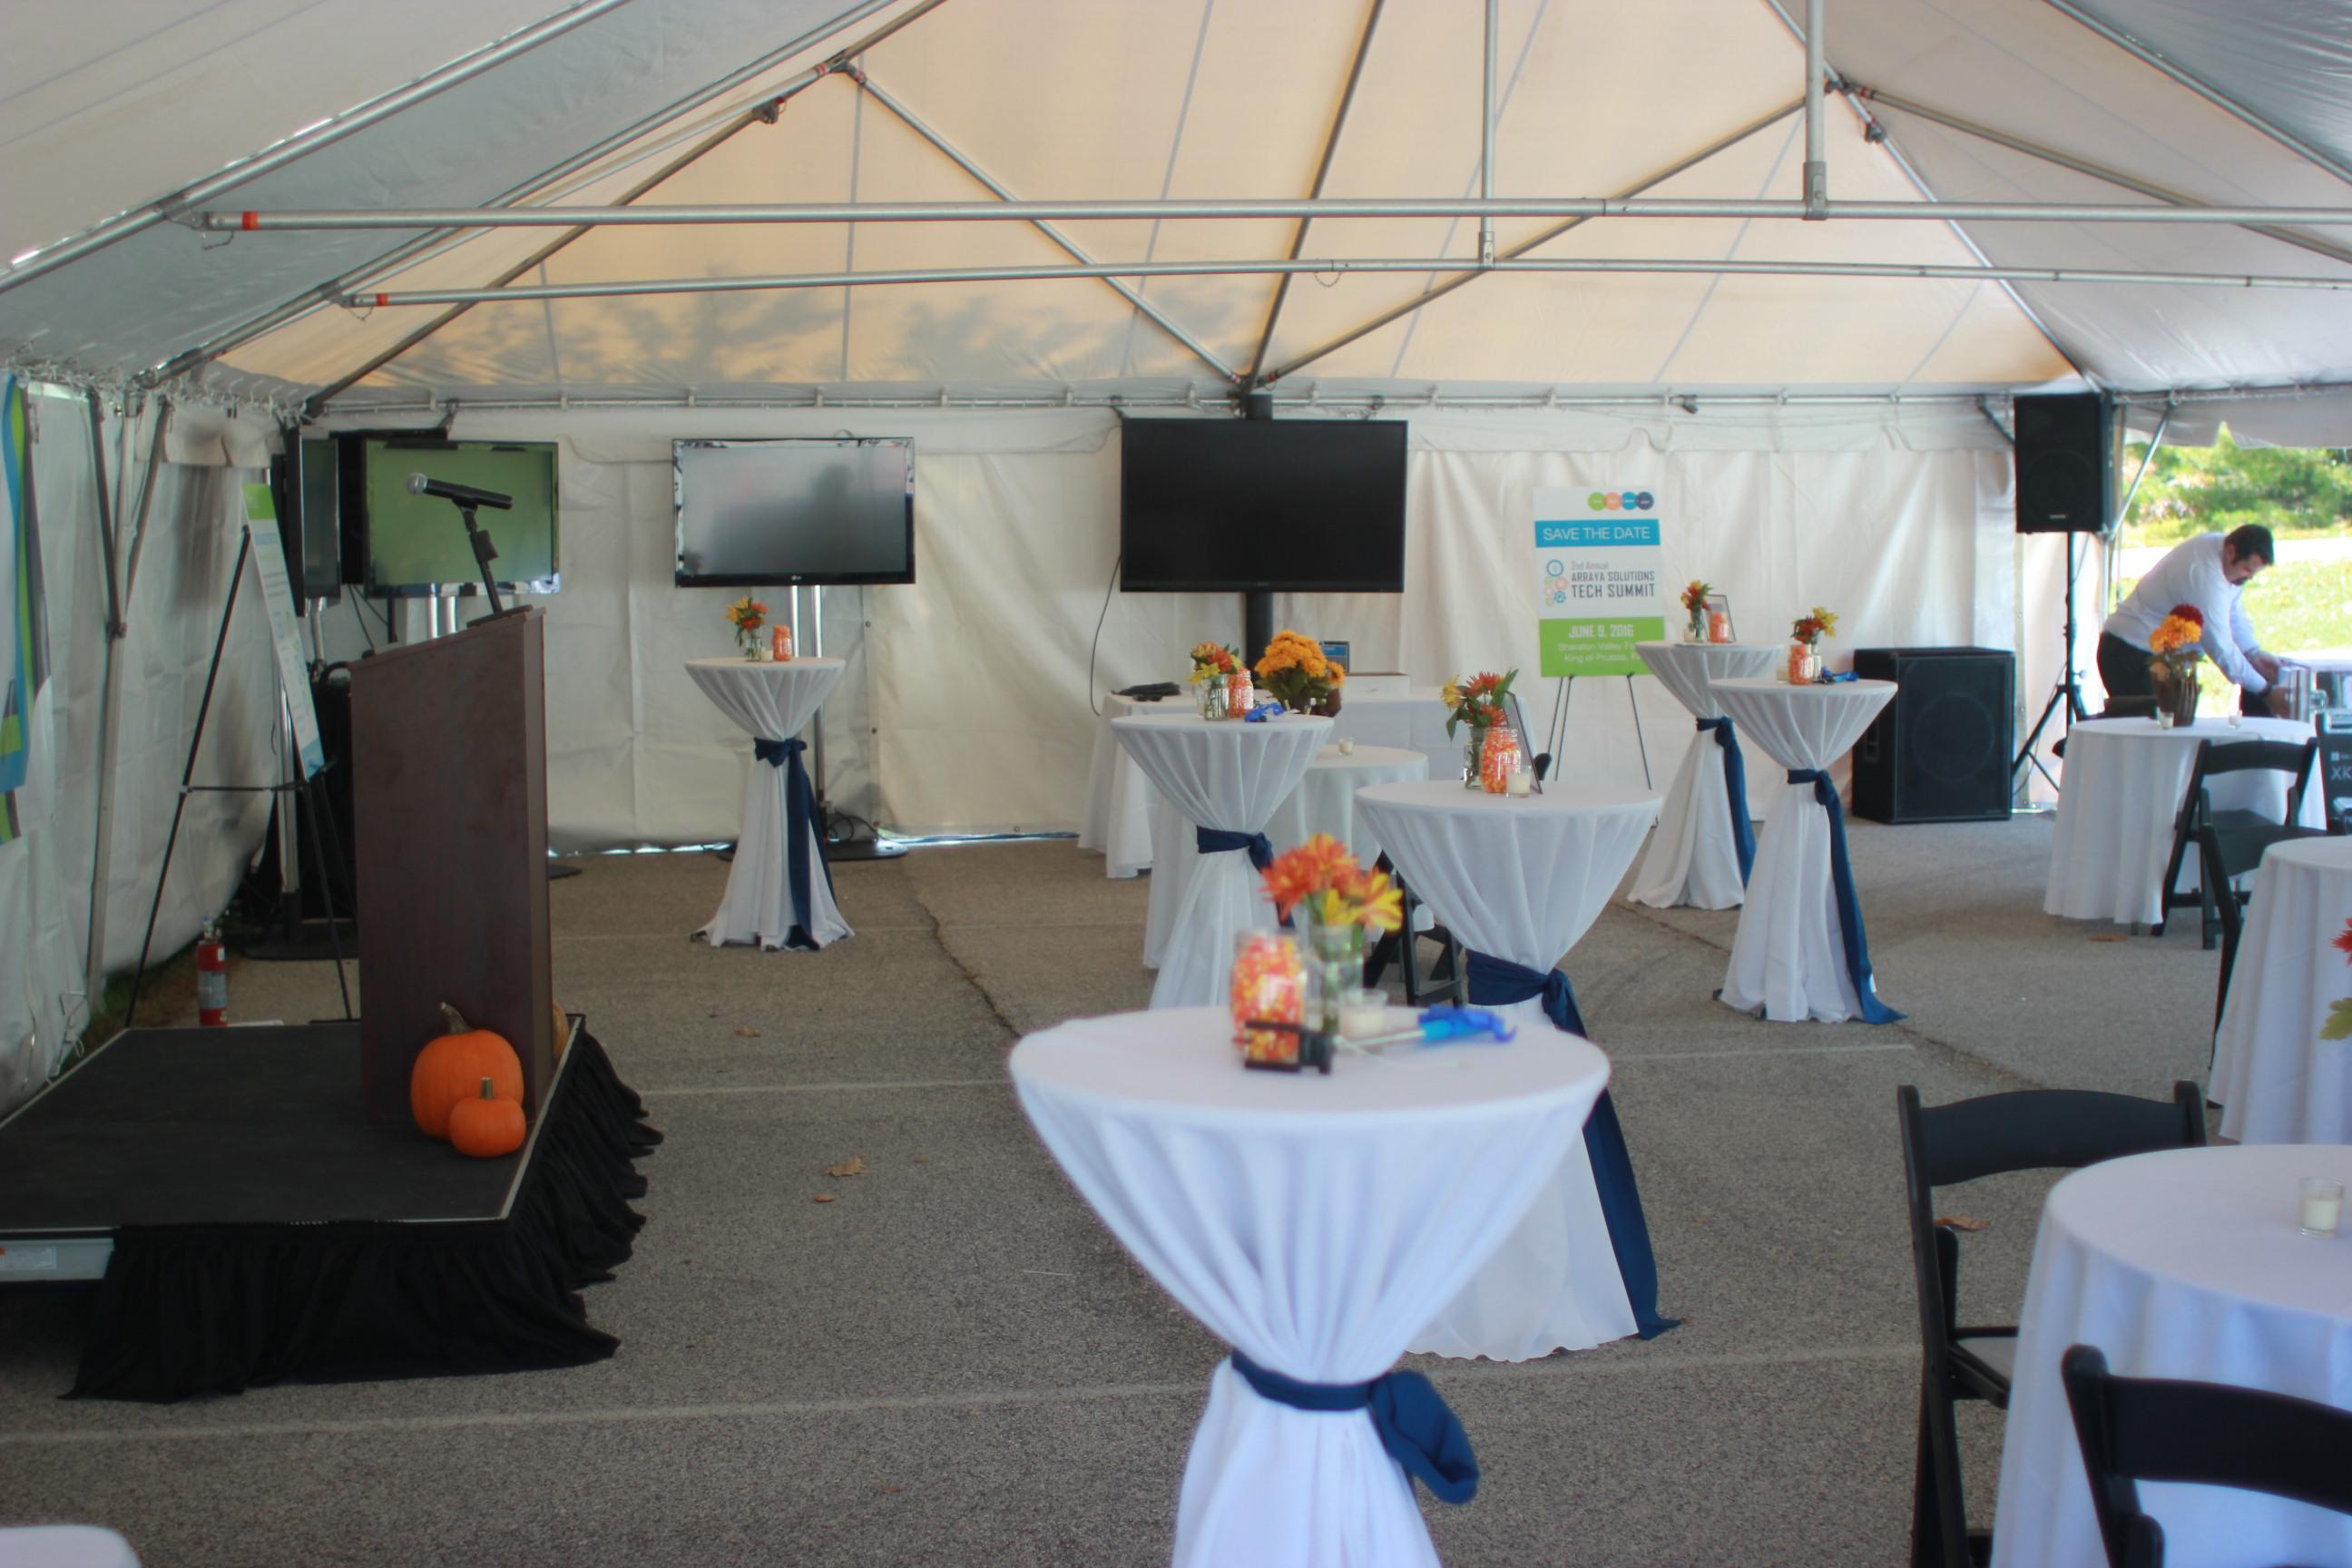 large screen, tv, podium rental, big screen, array solutions, audio visual, equipment rental, rentals